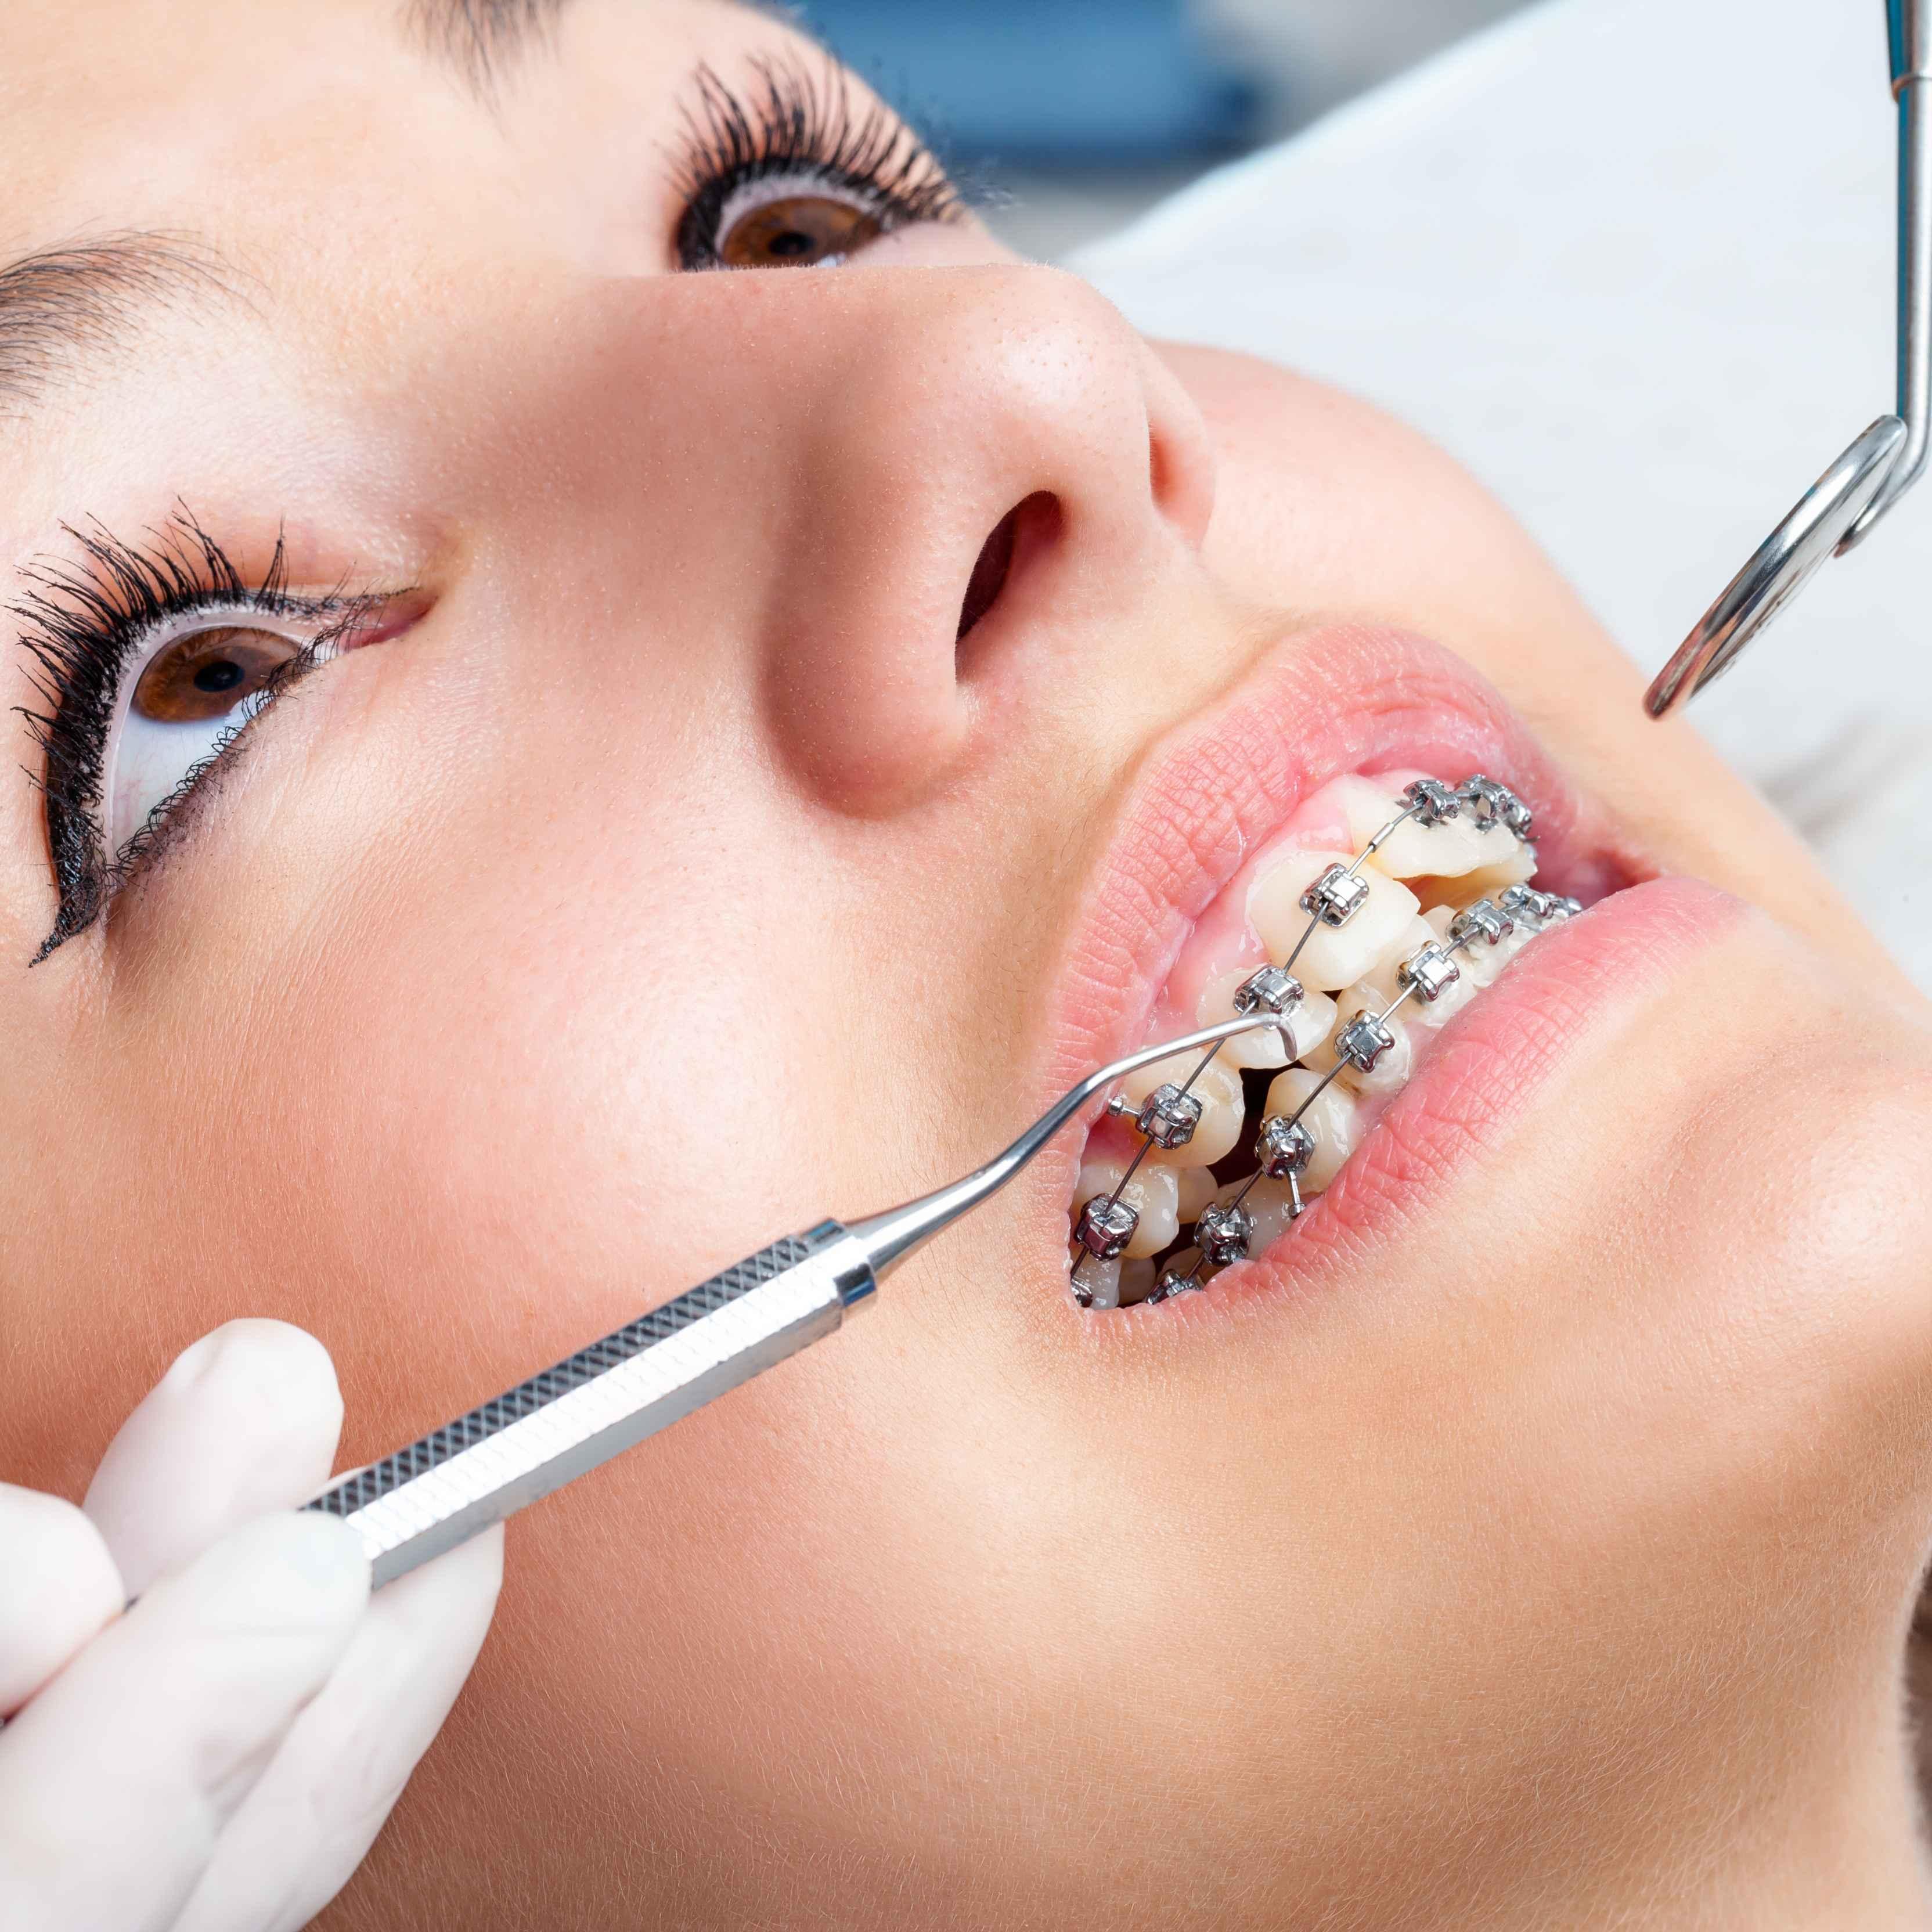 超声波洗牙会变白吗超声波洗牙需要注意什么